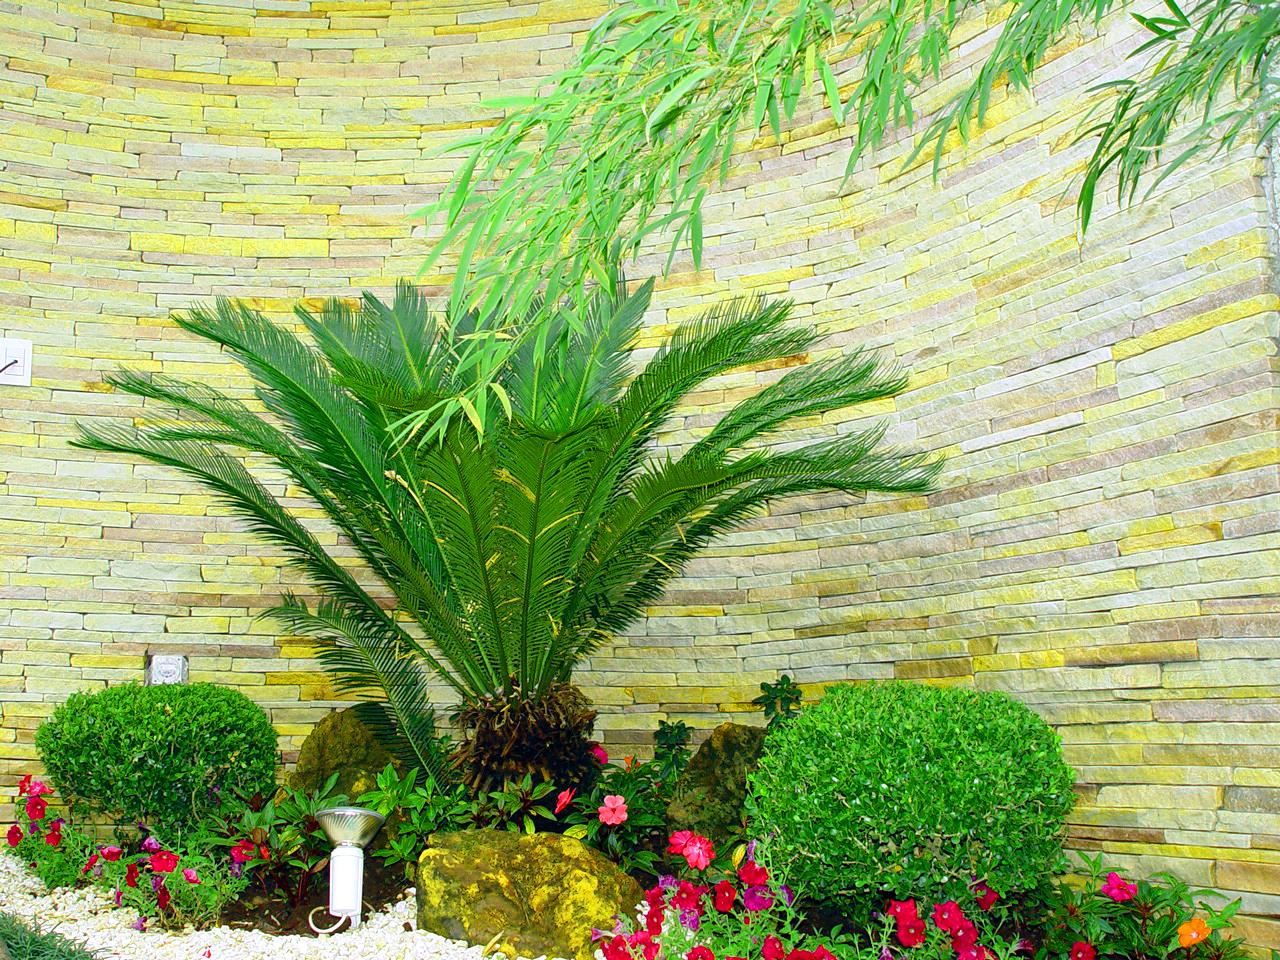 pedras decorativas para jardim florianopolis:Pedras Decorativas: FILETE OU CANJIQUINHA ( PEDRA SÃO TOMÉ